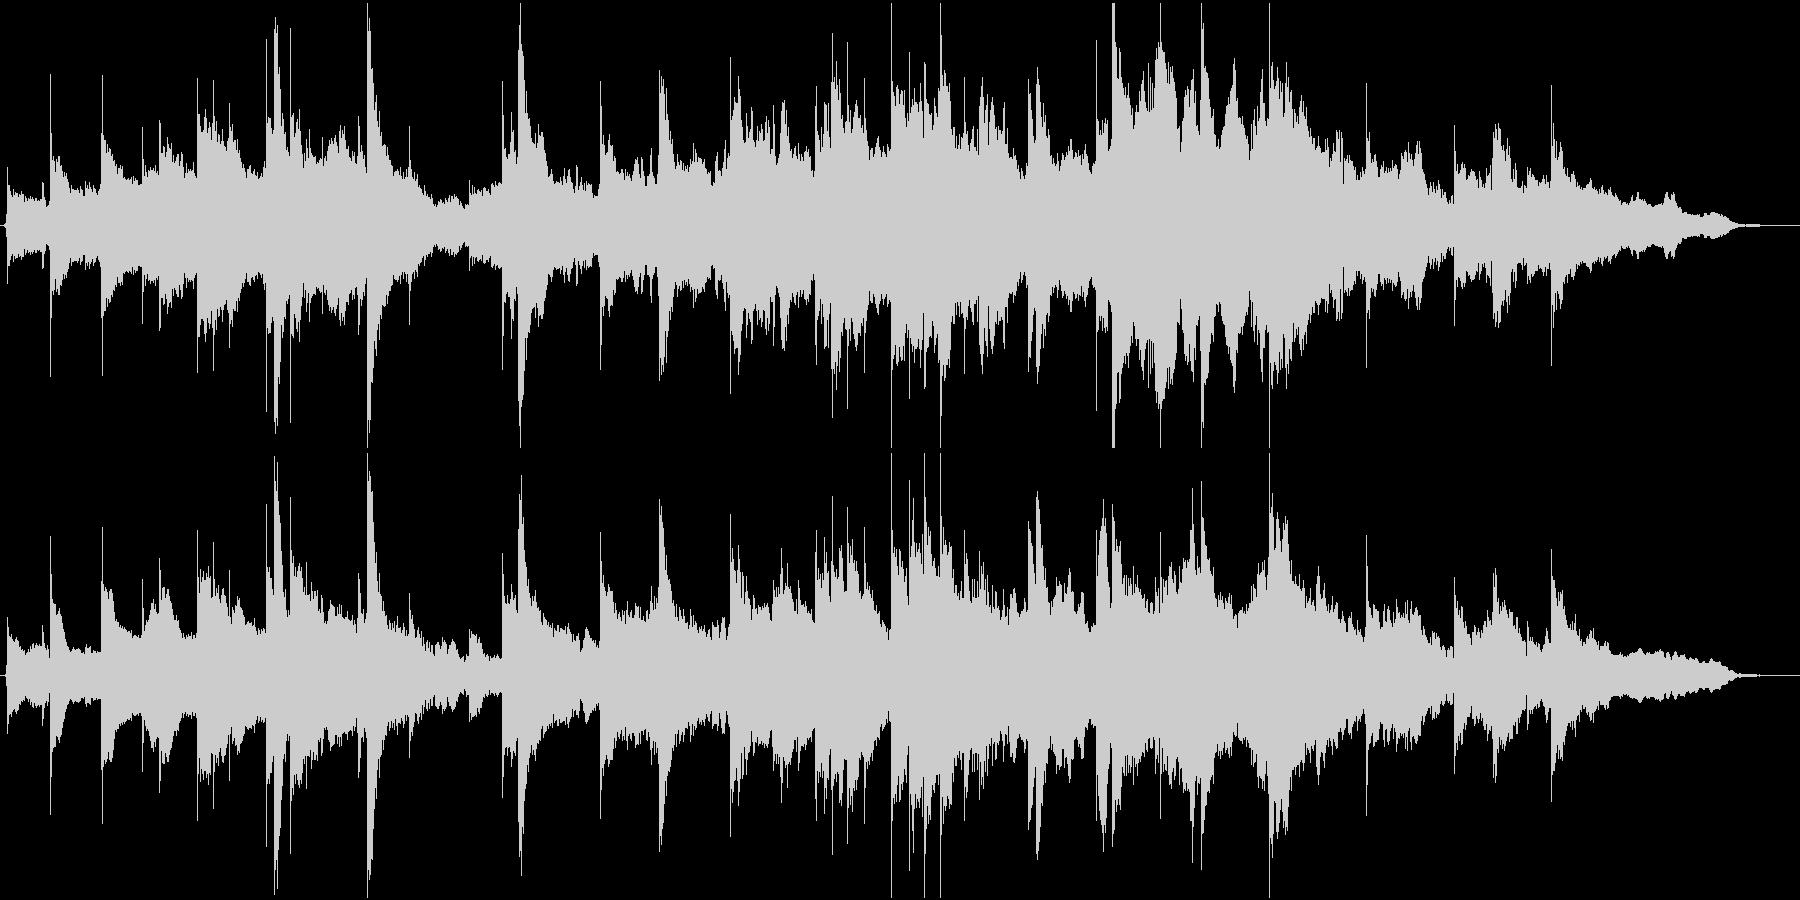 静かなインスト曲の未再生の波形